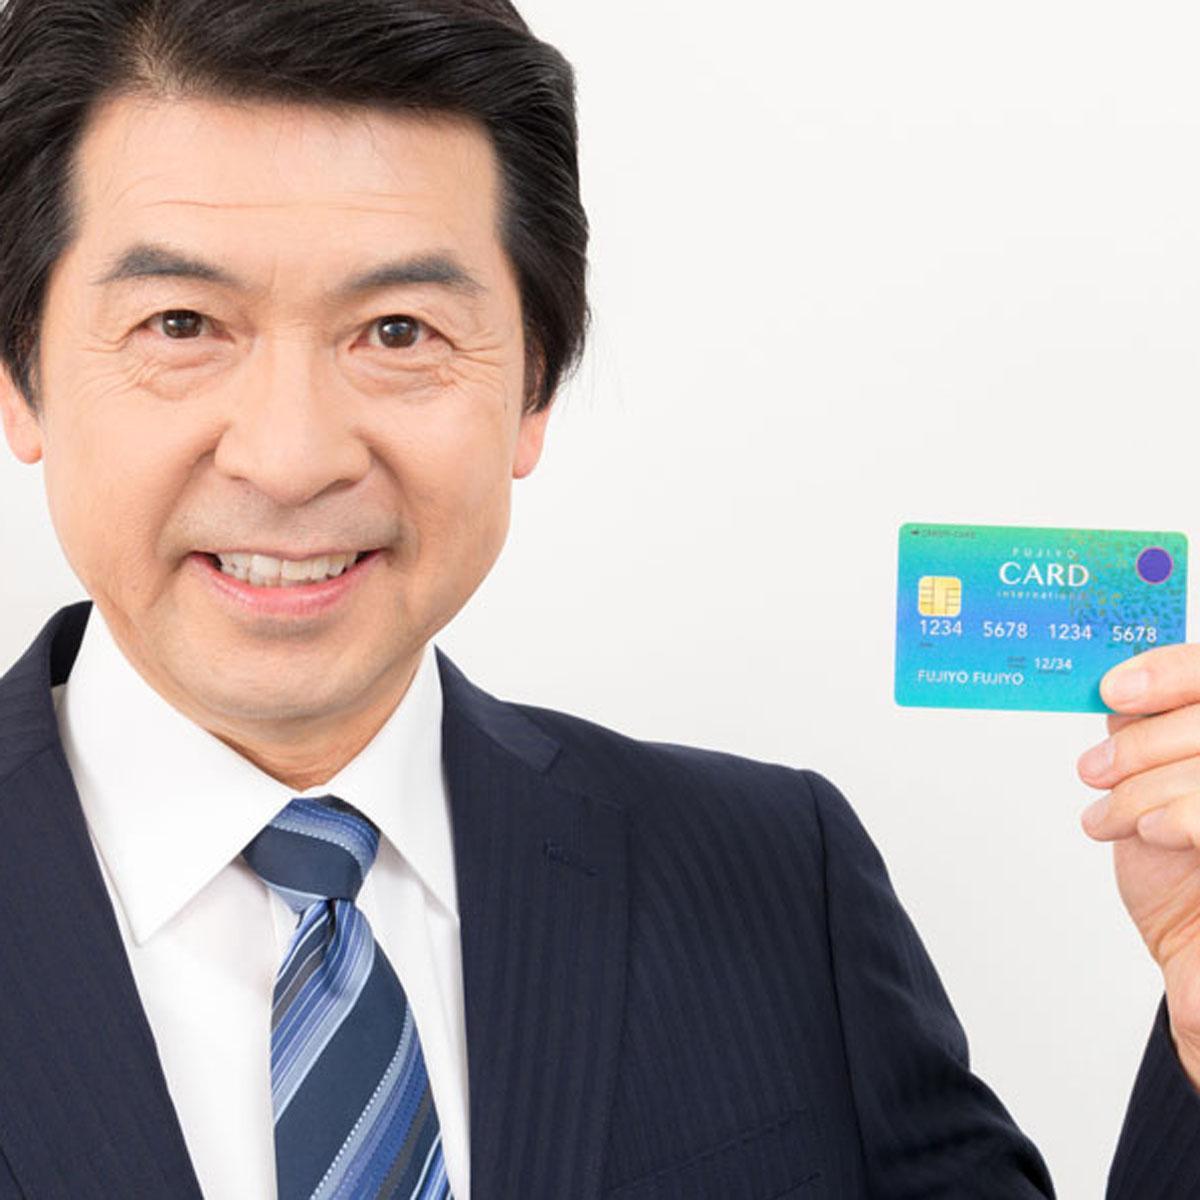 経営を強力サポート!「法人カード」を使う3つのメリットと、おすすめの4枚を紹介